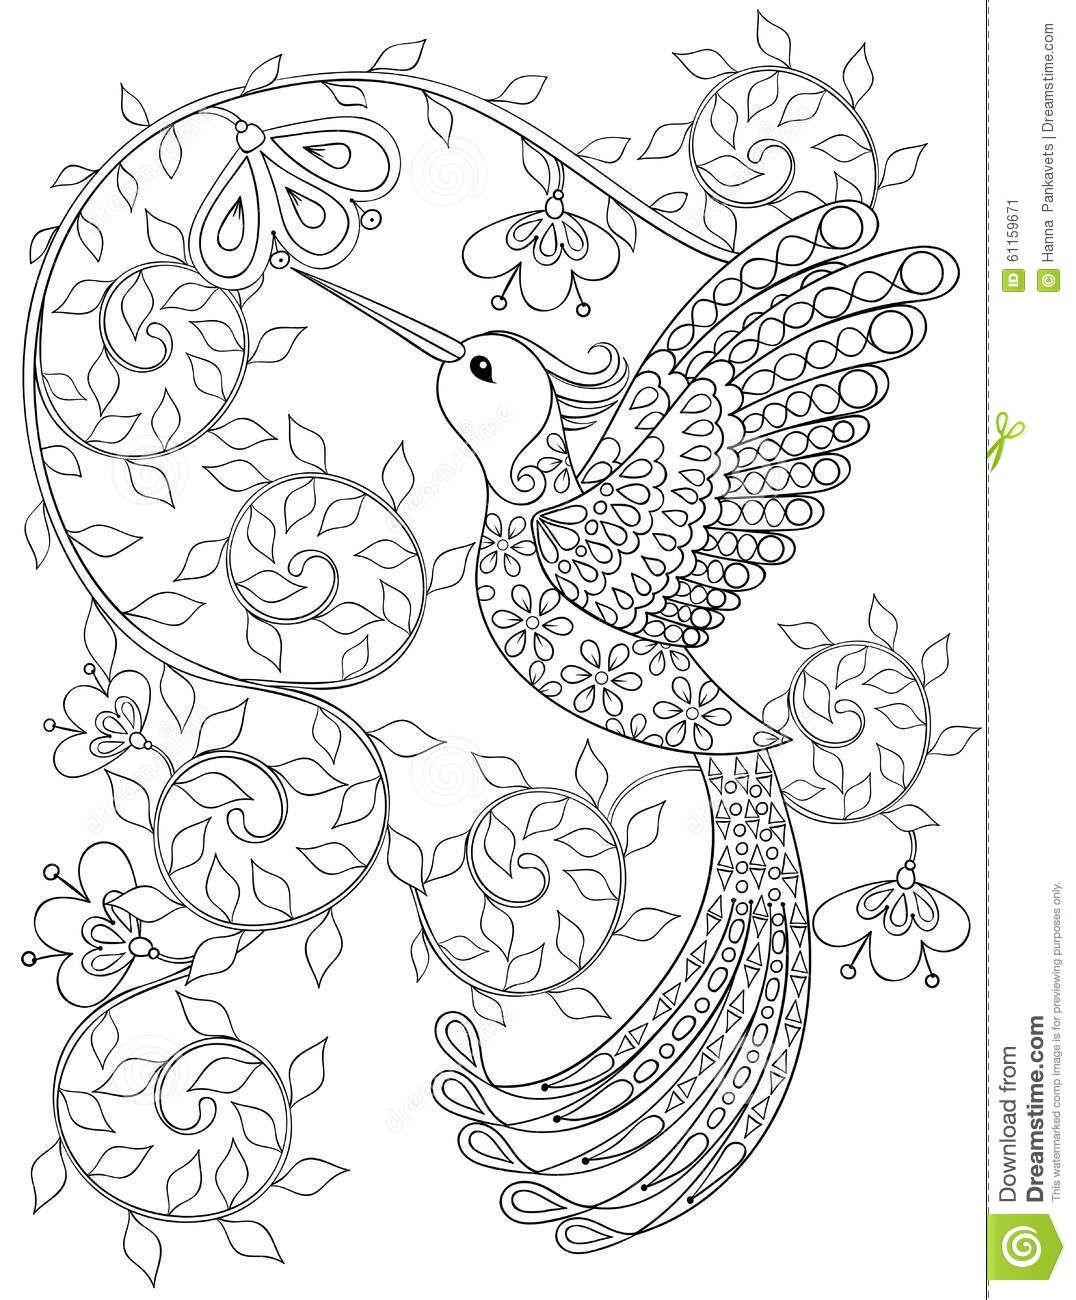 Pin von linda coquette auf patron pergamano | Pinterest ...